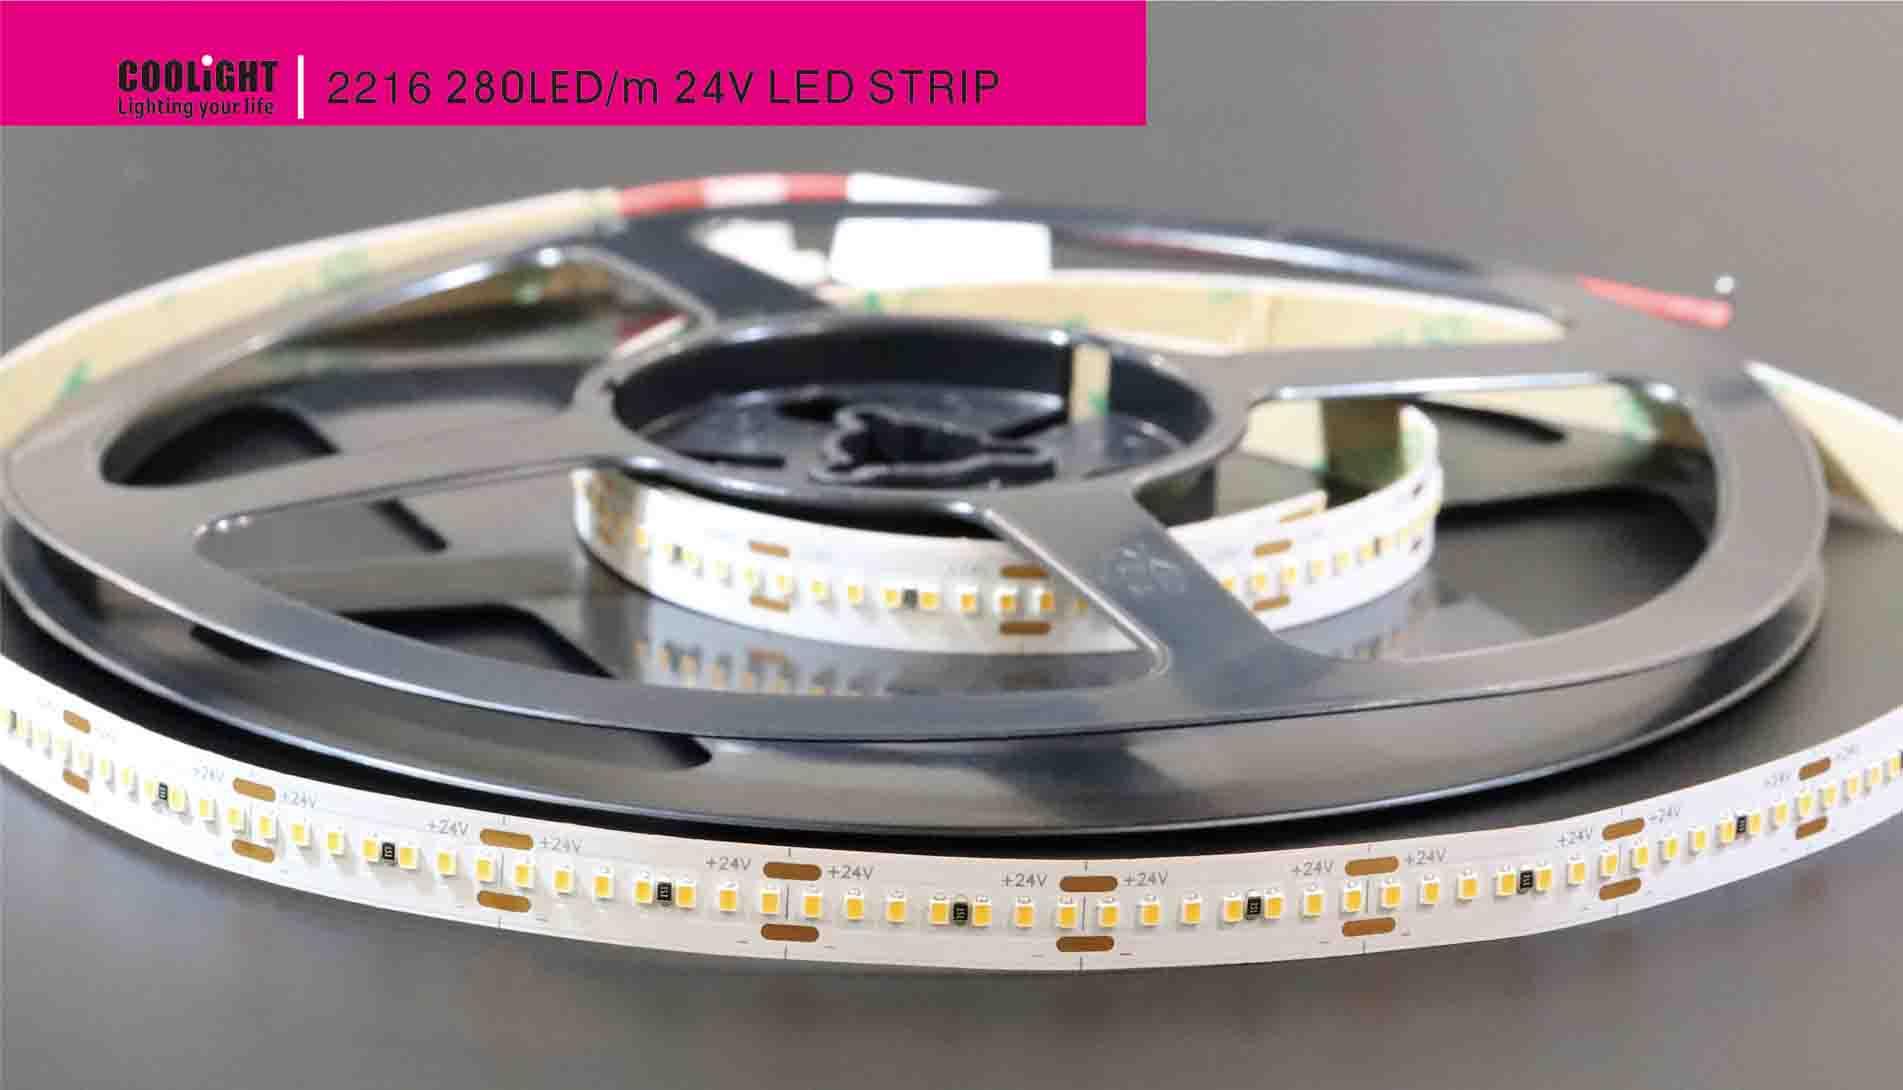 2216 280led/m 24v led strip